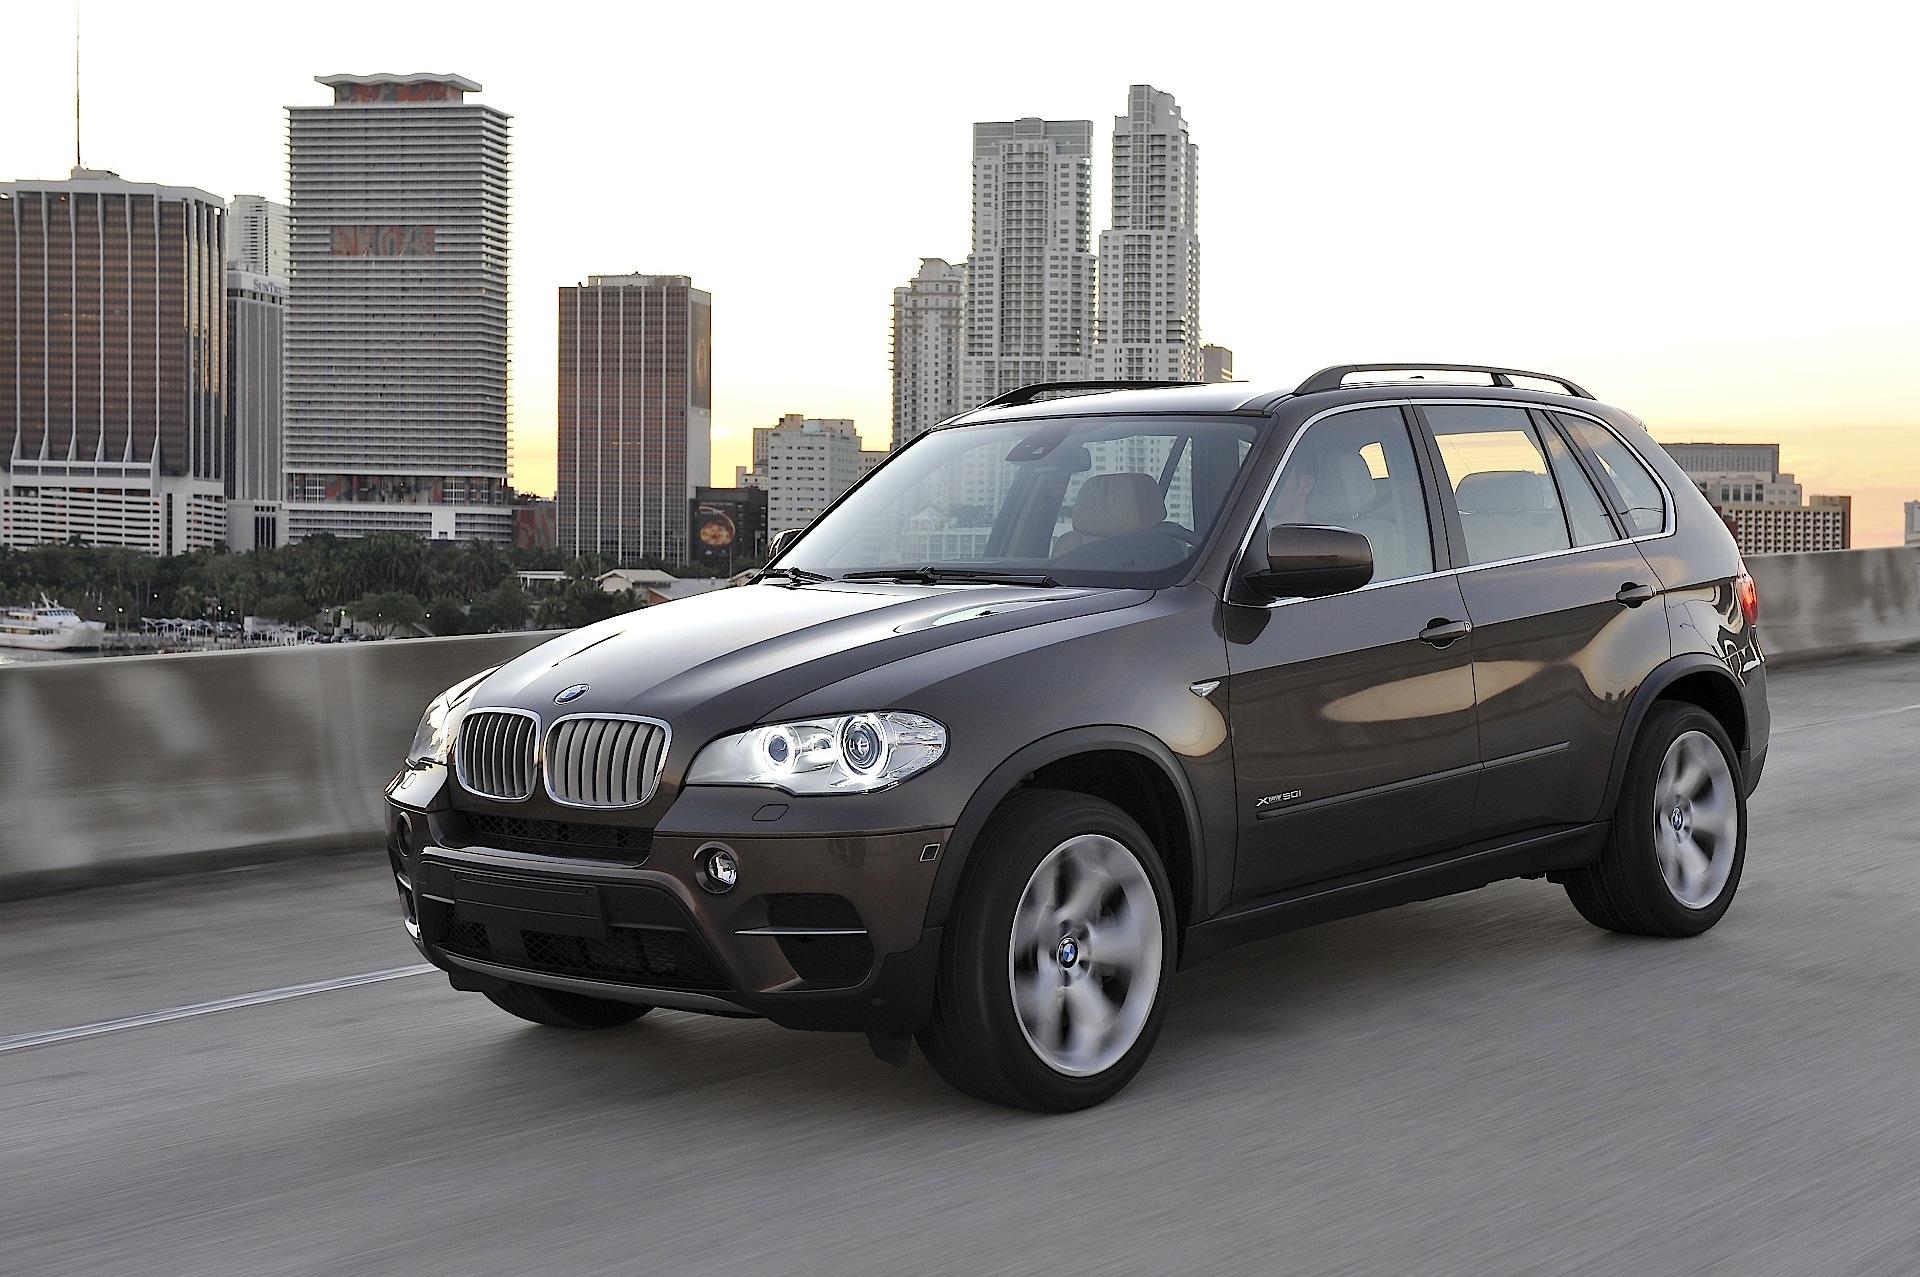 BMW X5 (E70) specs - 2010, 2011, 2012, 2013, 2014 ...